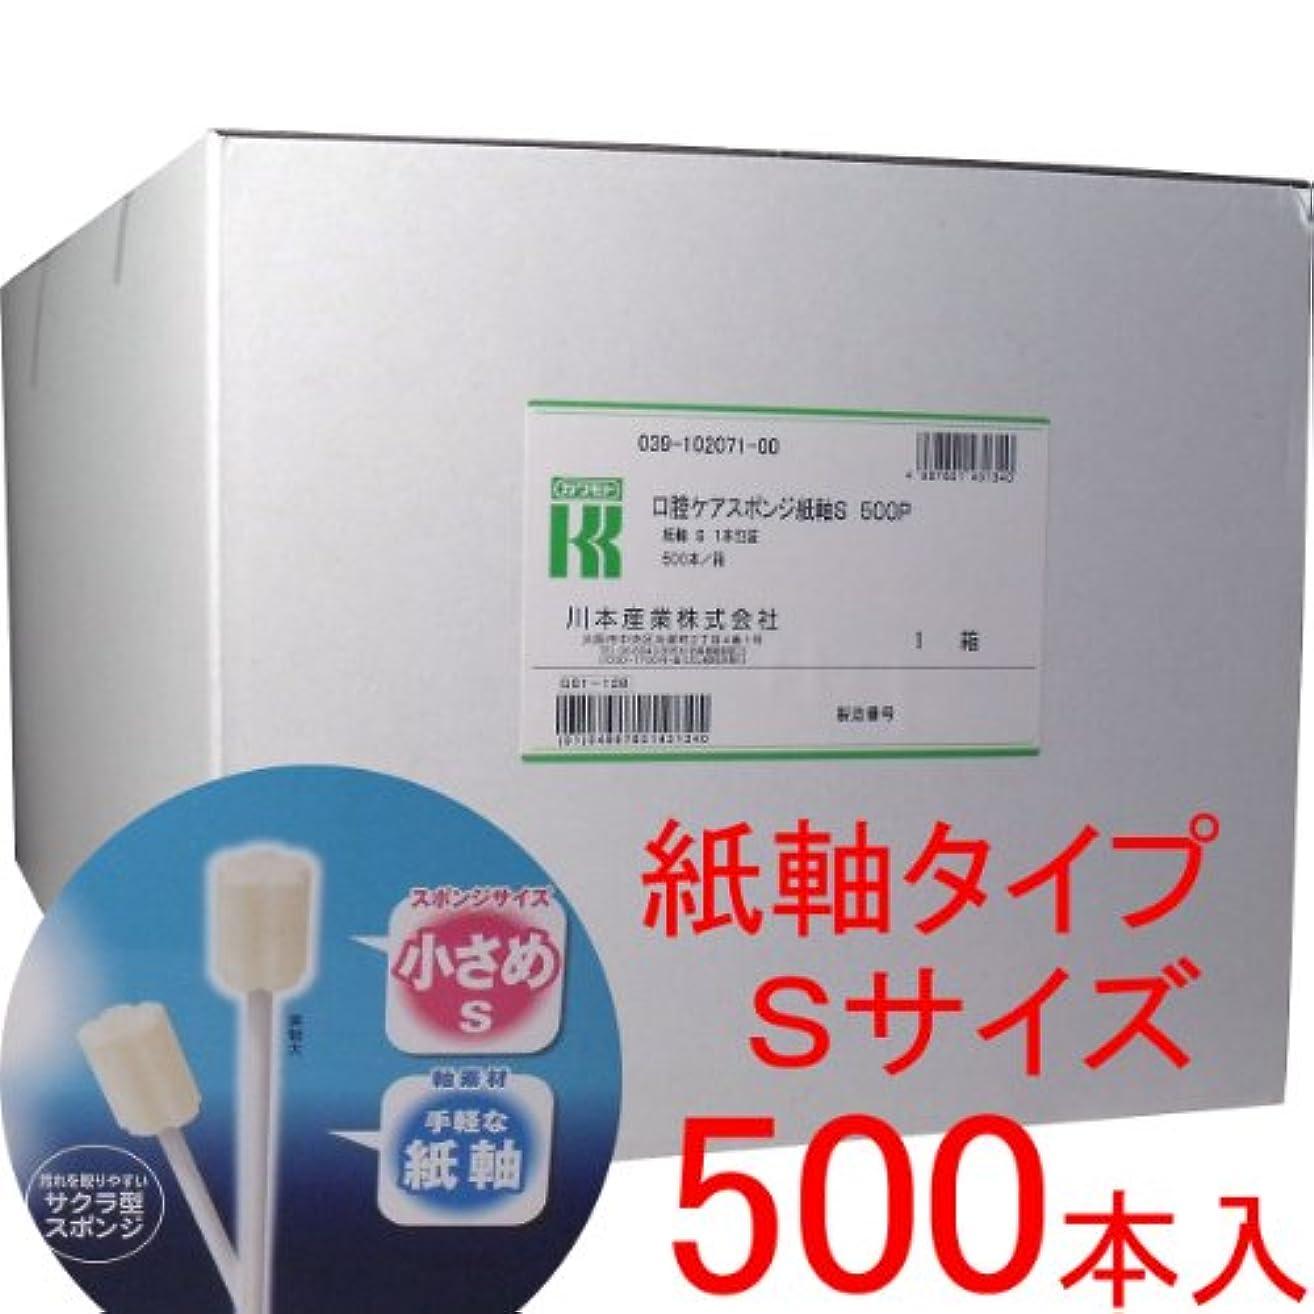 対称正規化ナンセンス業務用マウスピュア 口腔ケアスポンジ 紙軸 Sサイズ 500本入